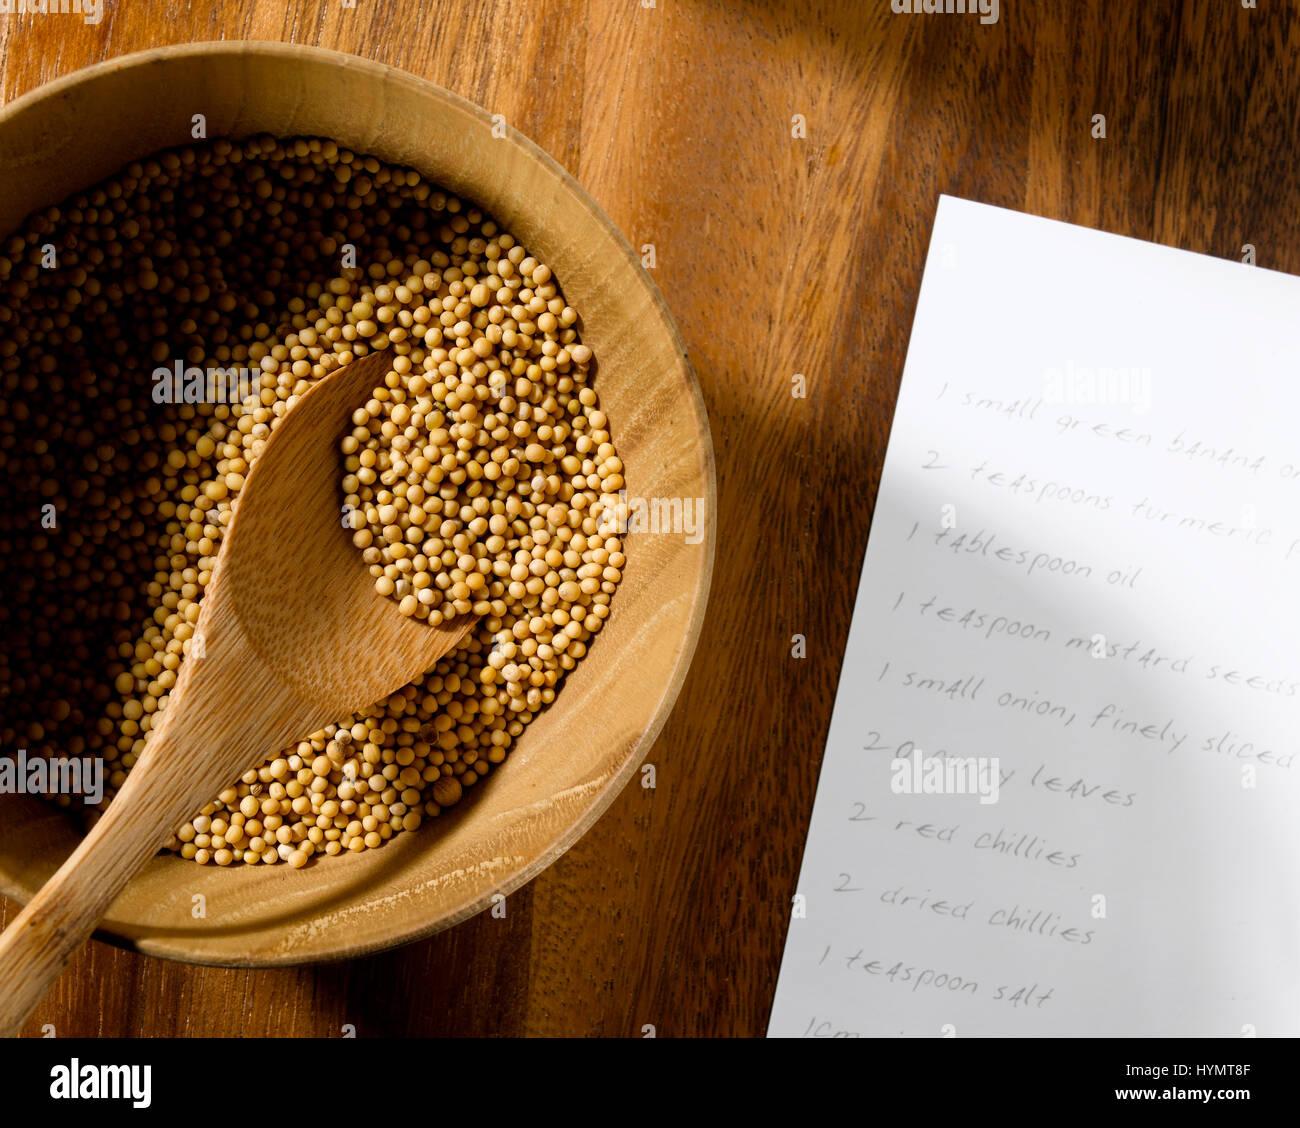 Las semillas de mostaza con tarjeta de recetas Foto de stock